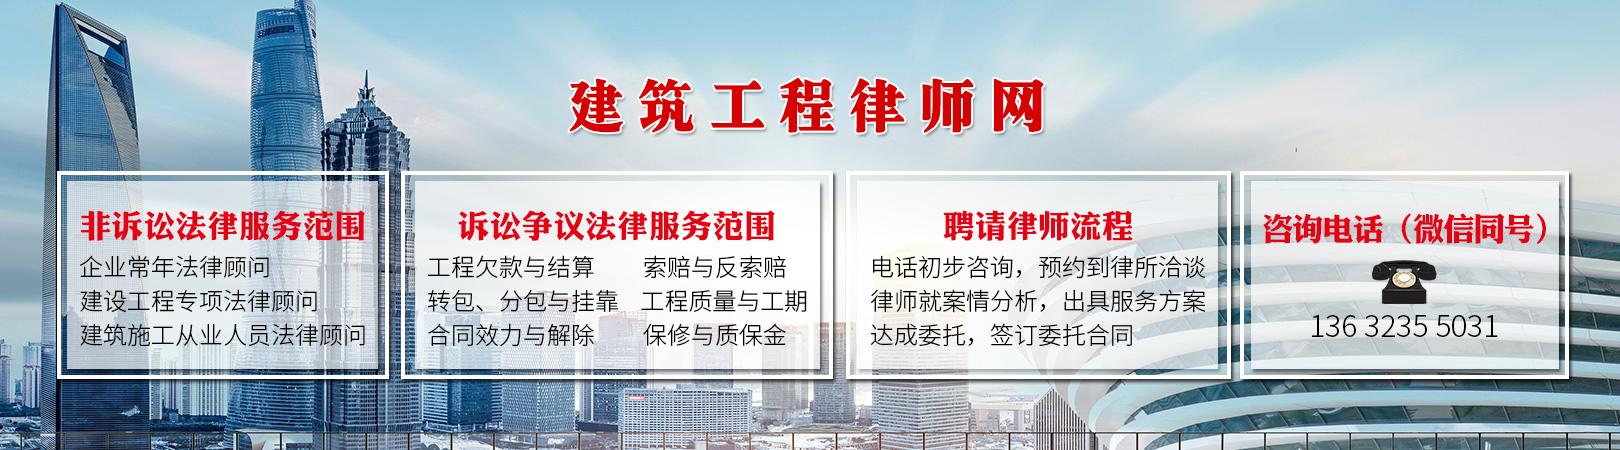 广州工程款纠纷律师